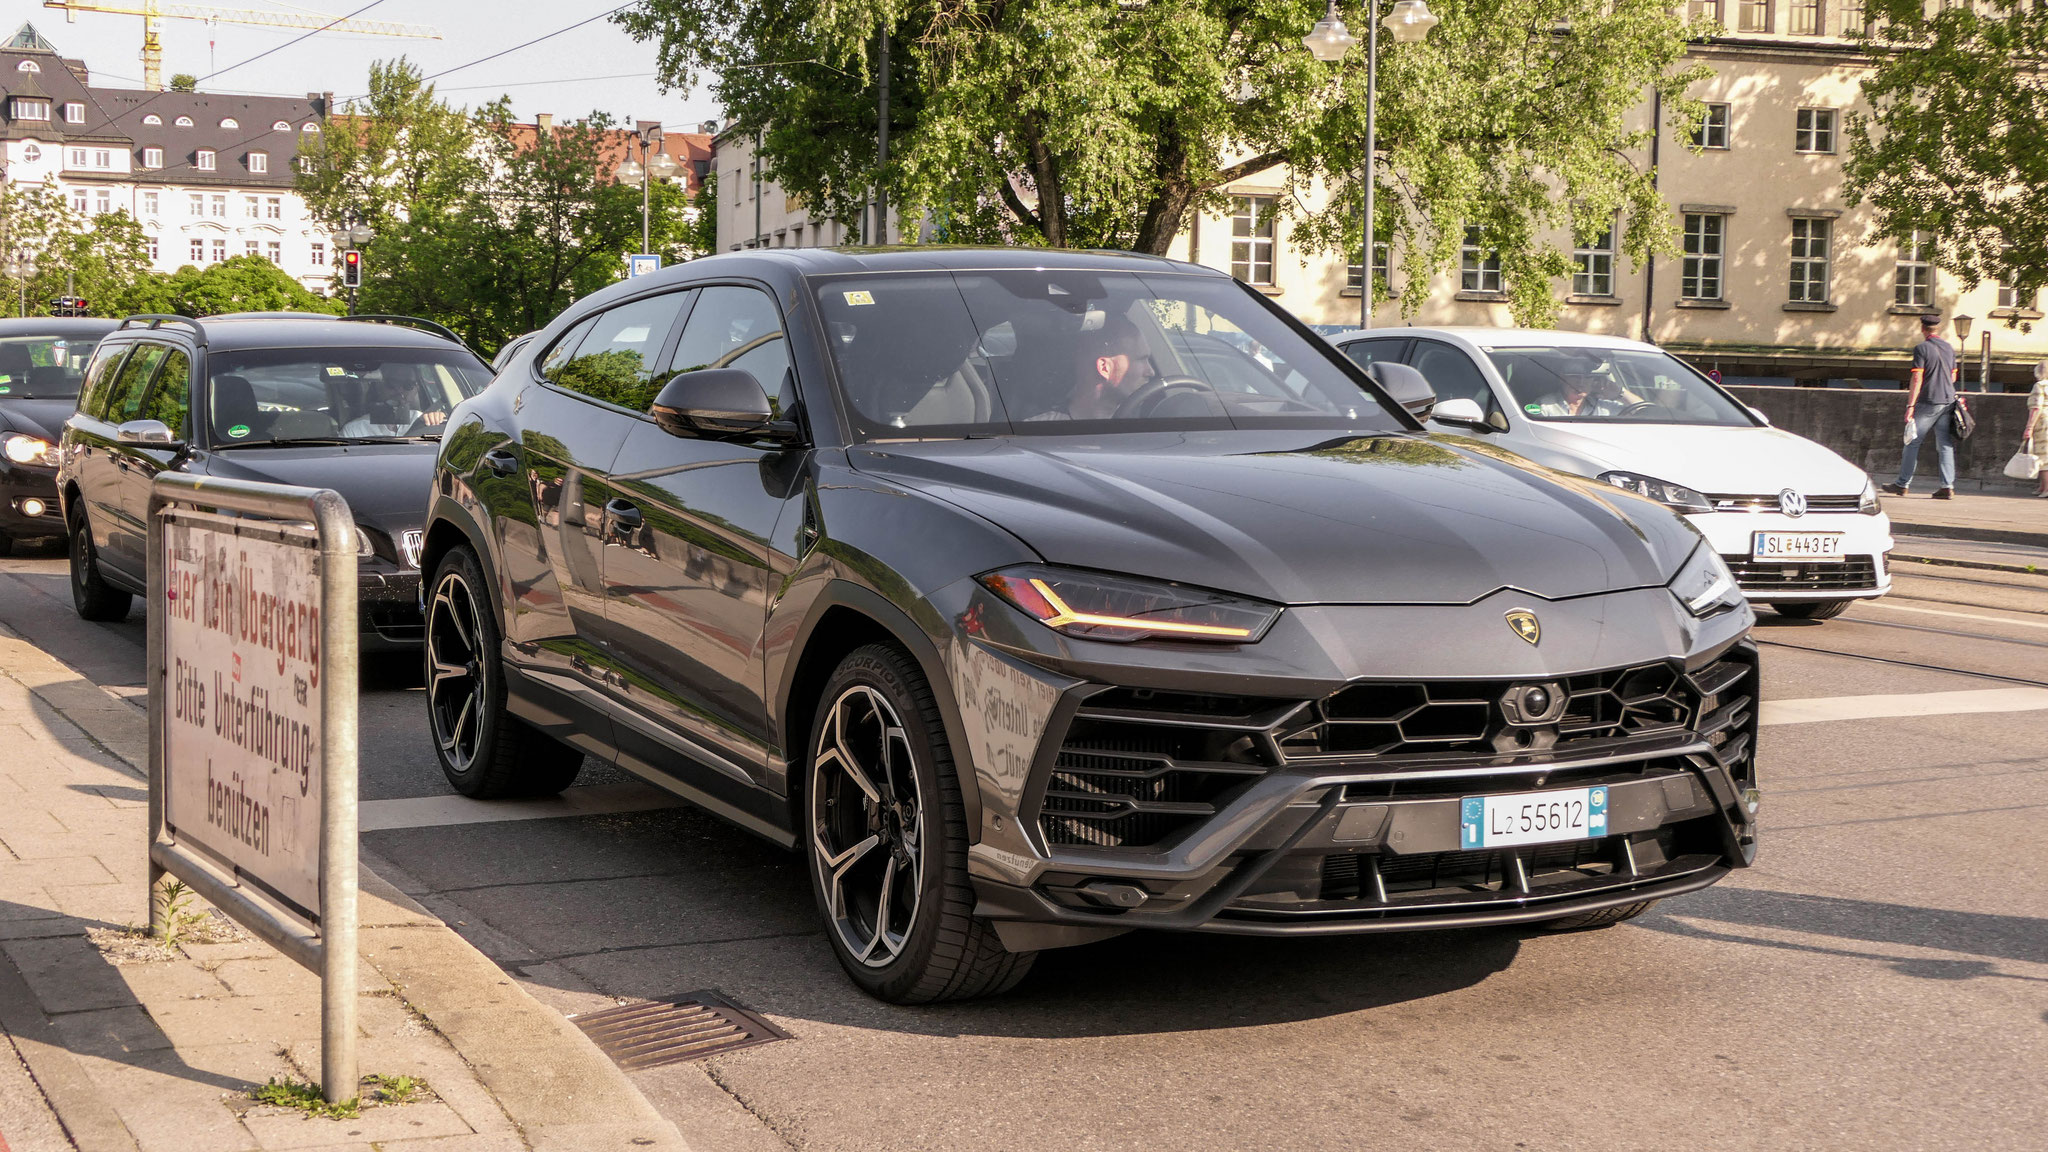 Lamborghini Urus - L2-55612 (ITA)